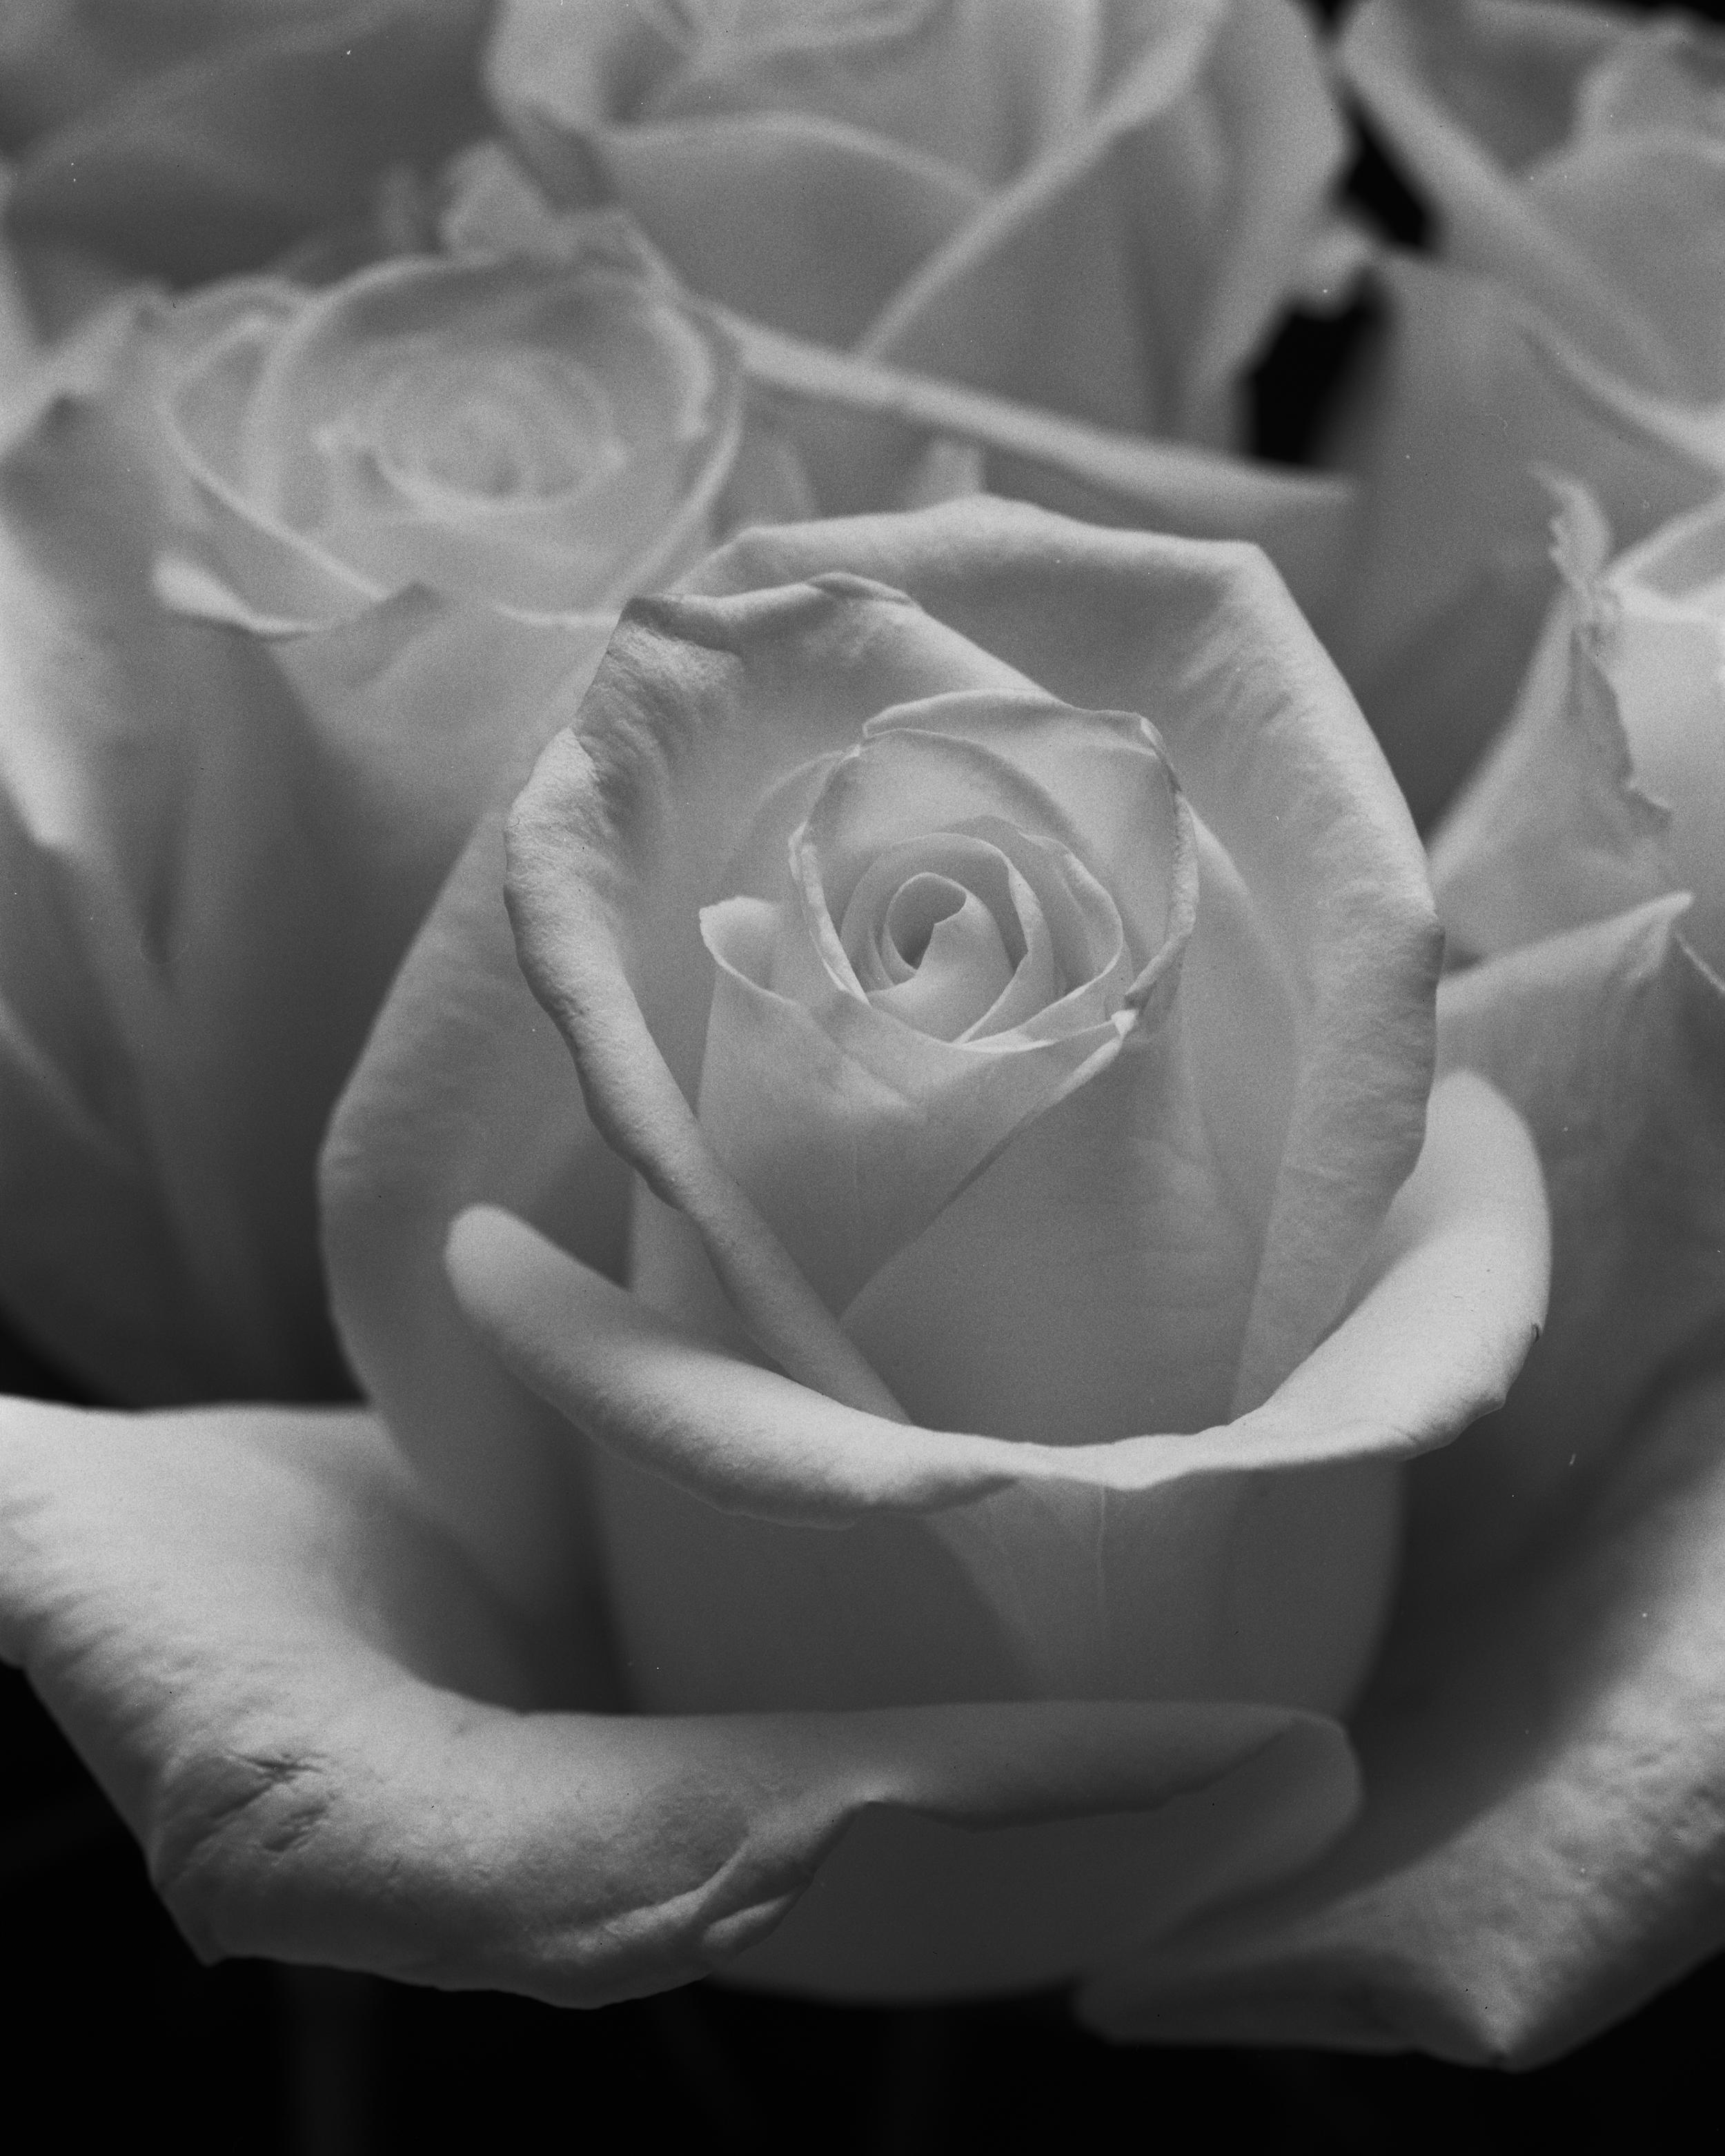 La rose en noir et blanc